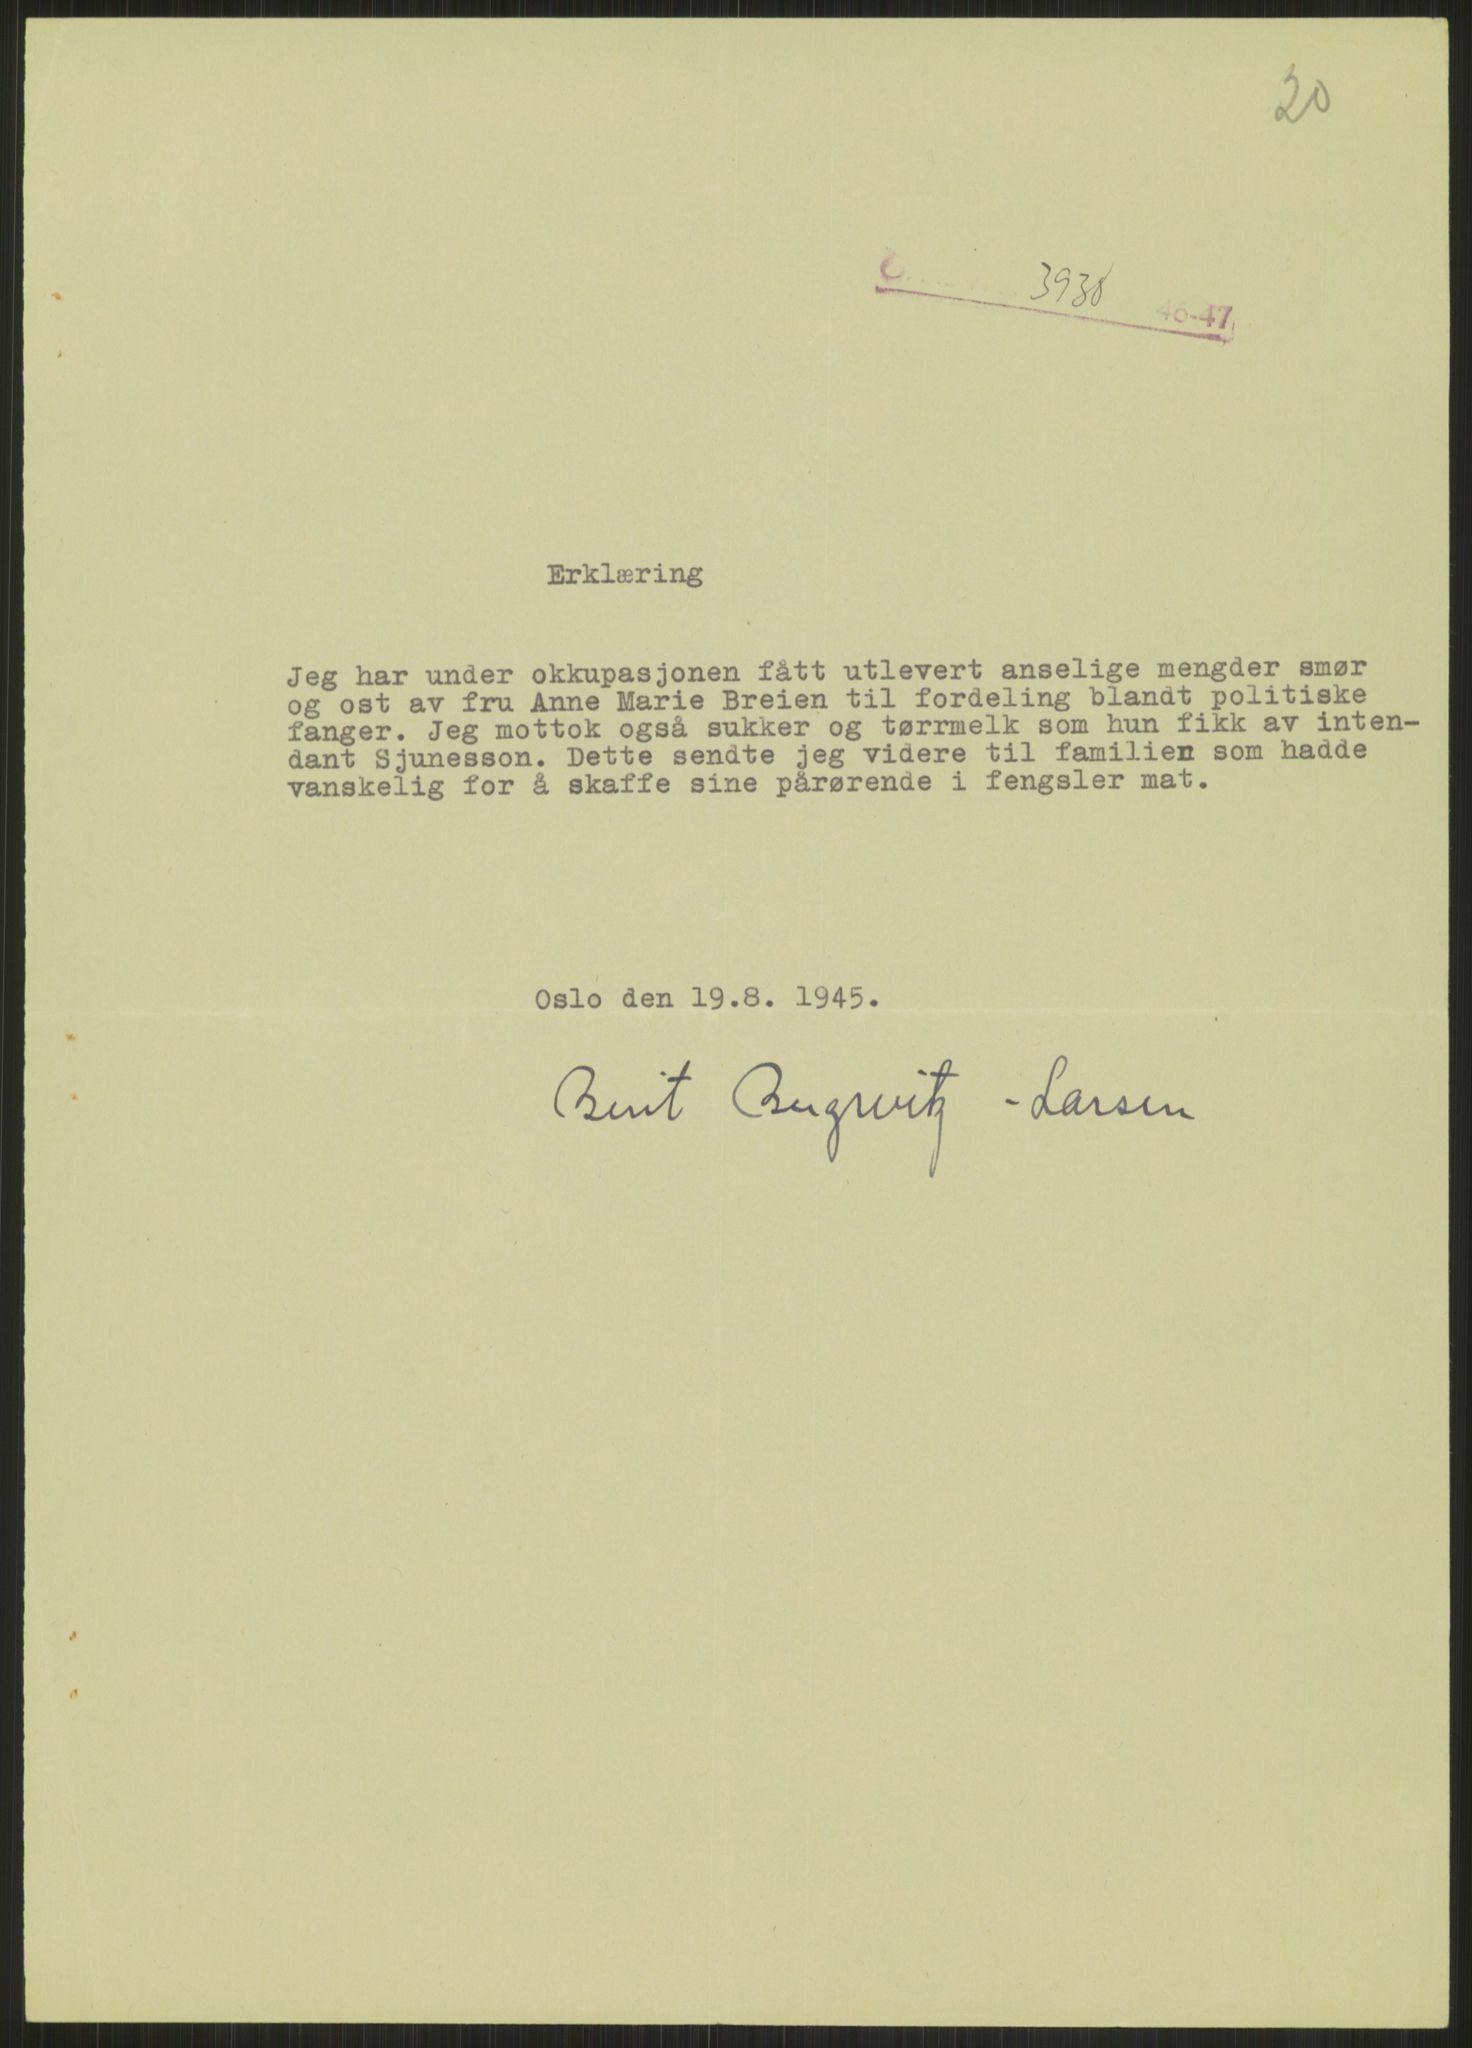 RA, Landssvikarkivet, Oslo politikammer, D/Dg/L0267: Henlagt hnr. 3658, 1945-1946, s. 272